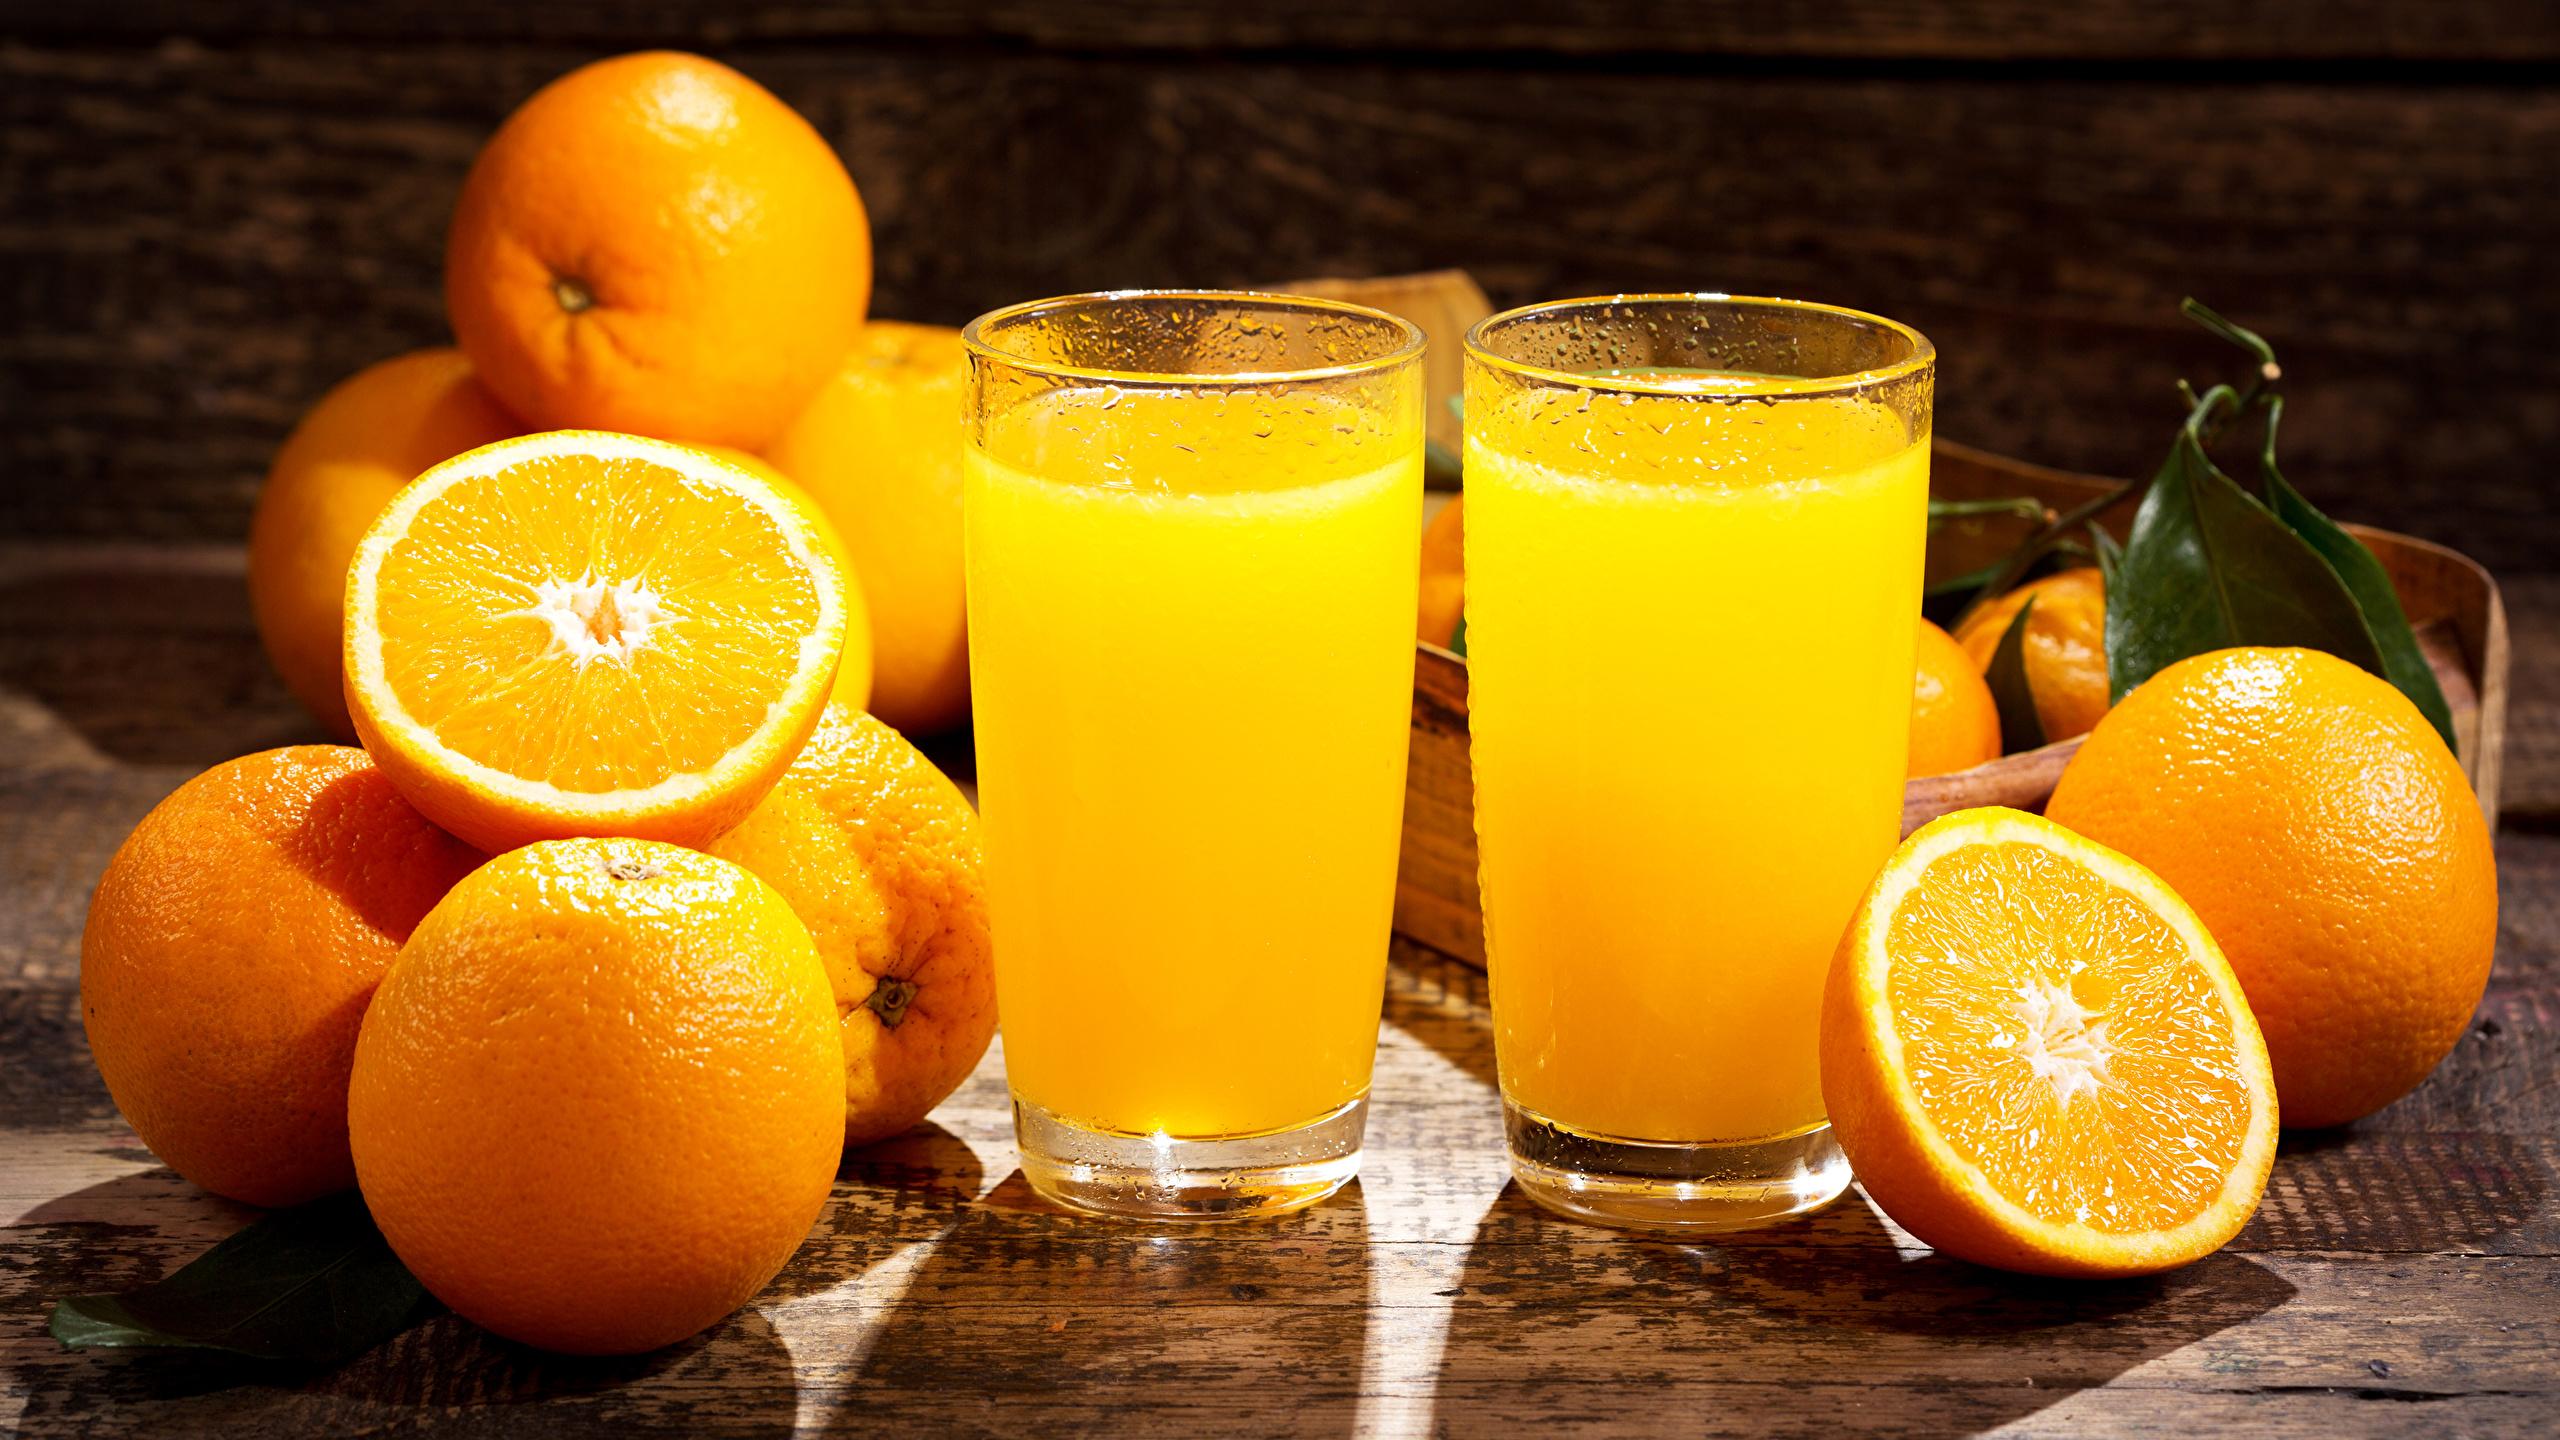 Рецепт сок из апельсинов 9 литров рецепт пошагово